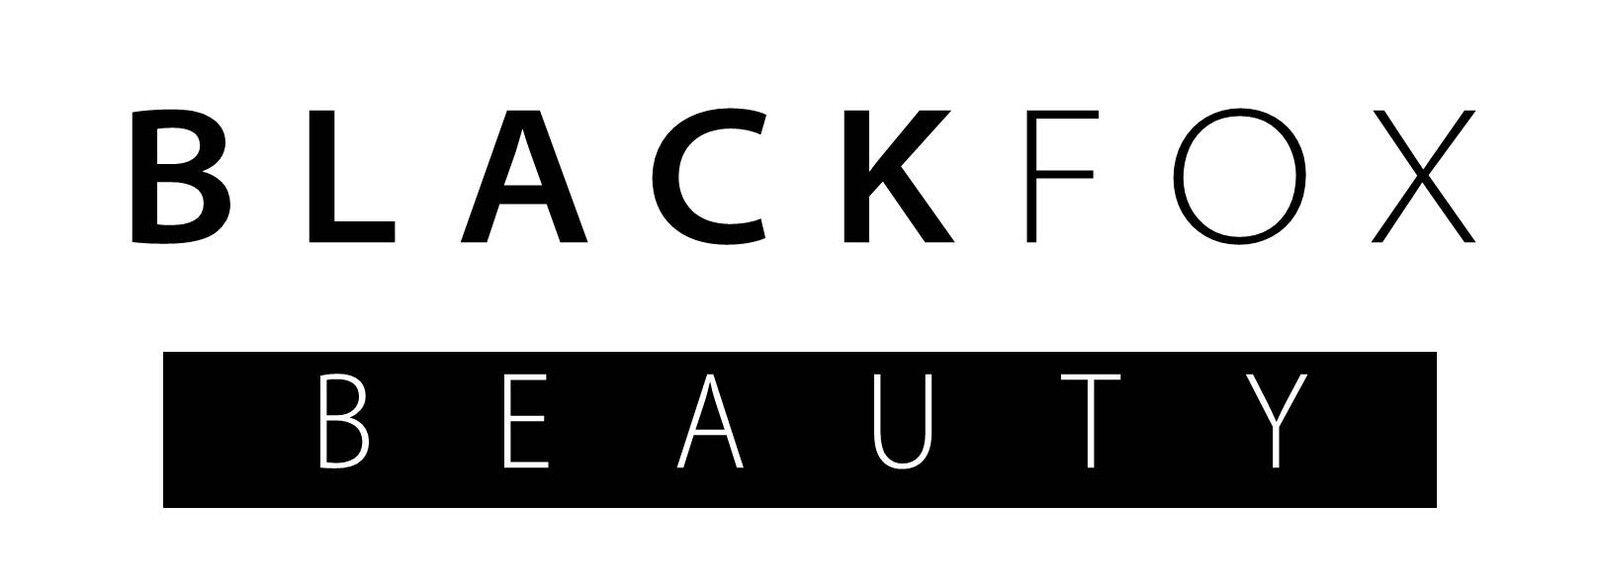 Blackfox Beauty